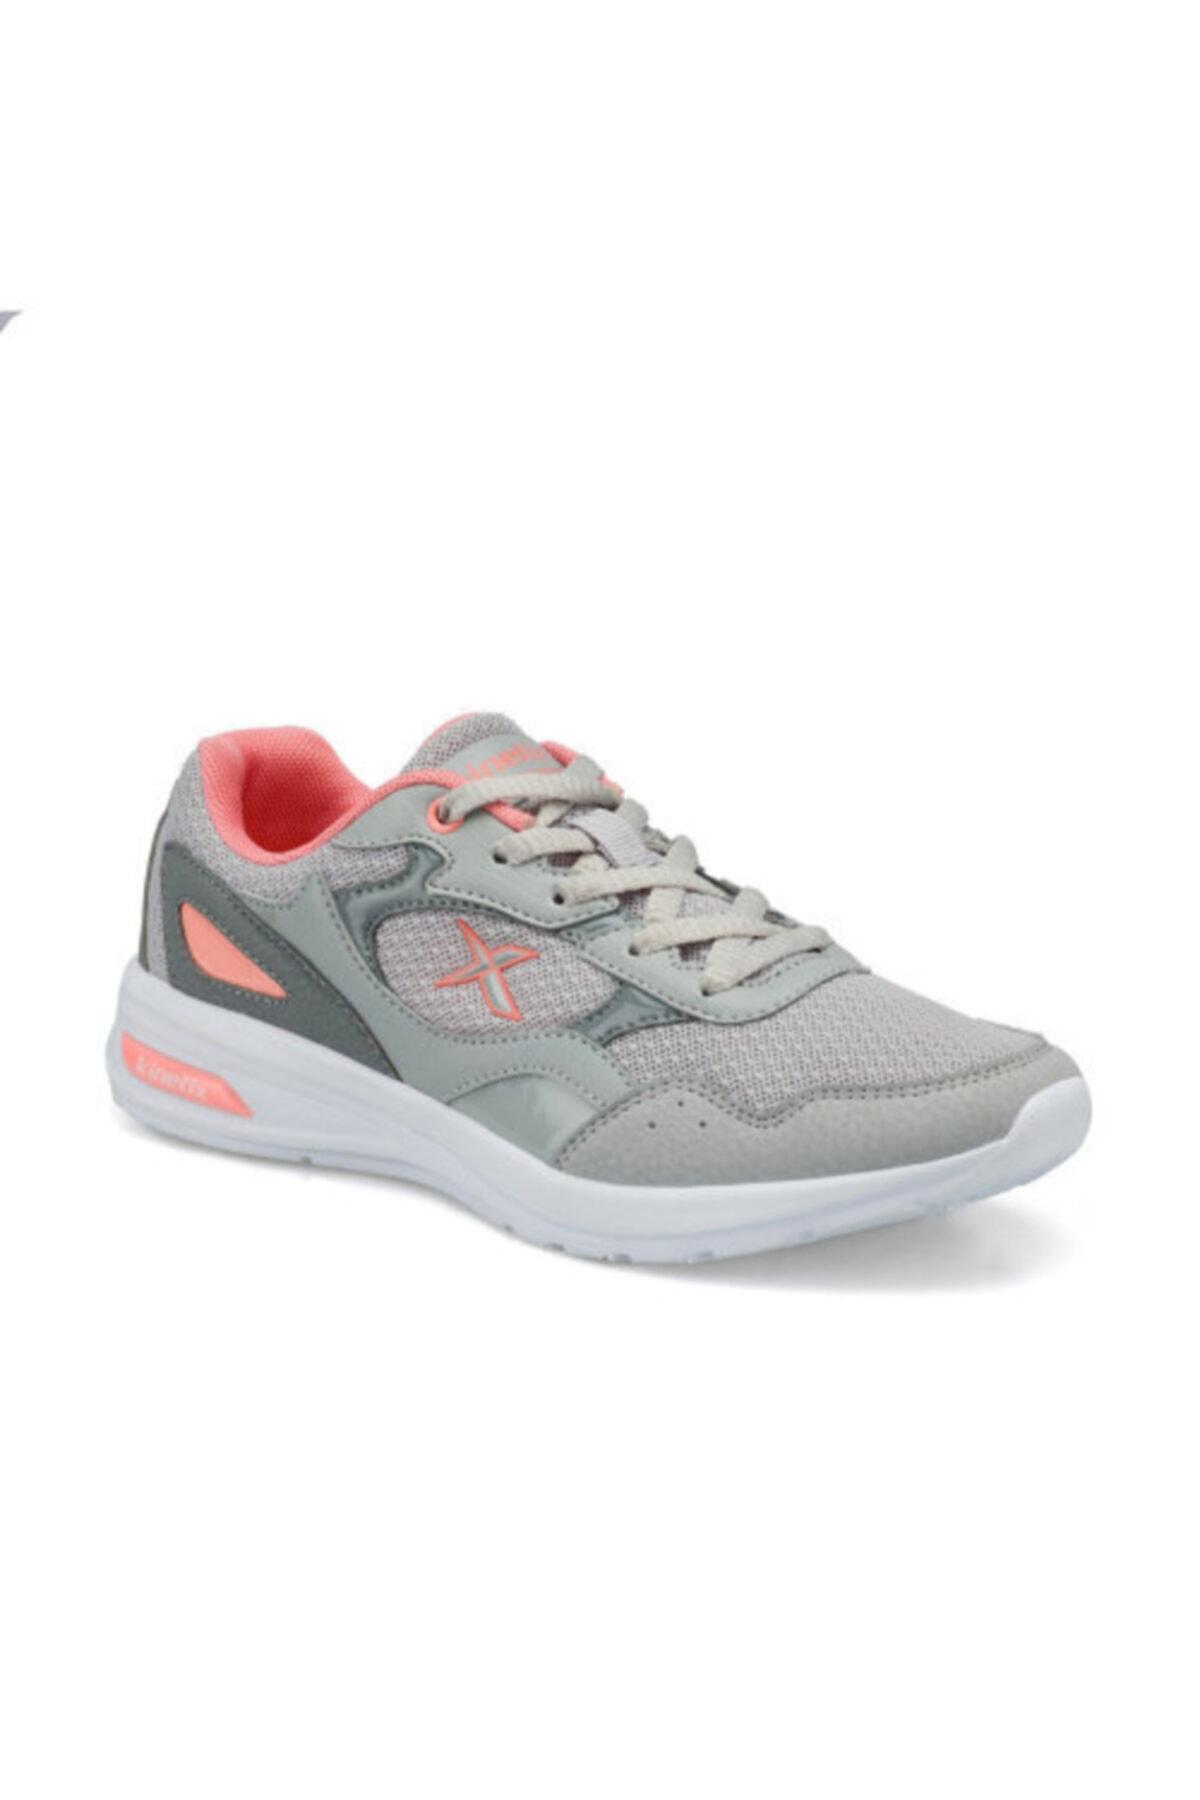 Kinetix Pilow W Gri Narçiçeği Kadın Spor Ayakkabı